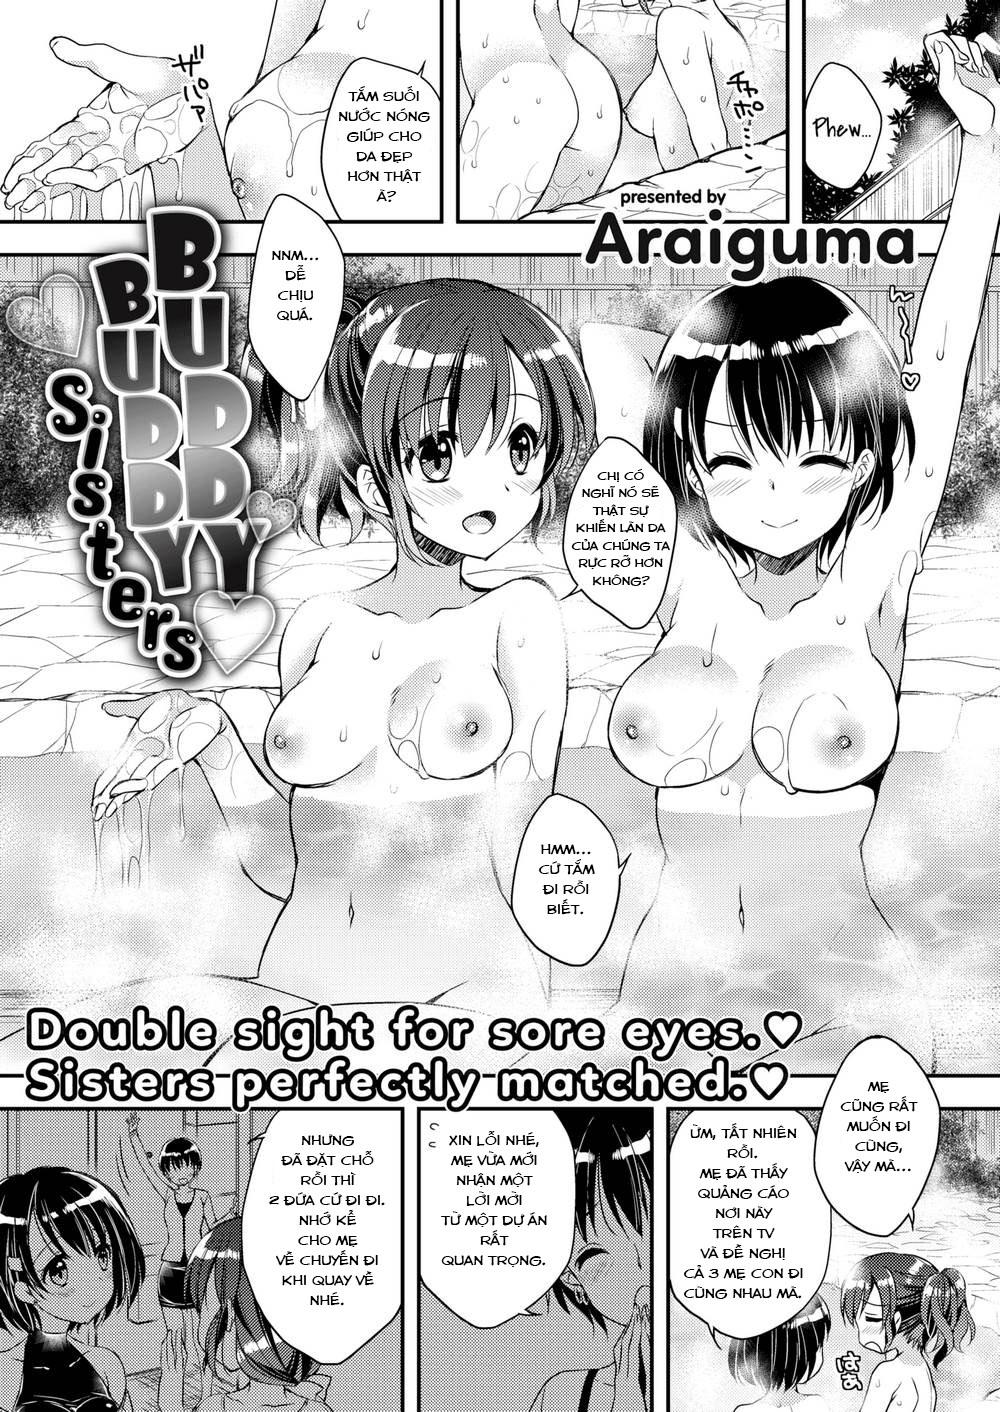 Hình ảnh  trong bài viết Truyện hentai Buddy buddy sister